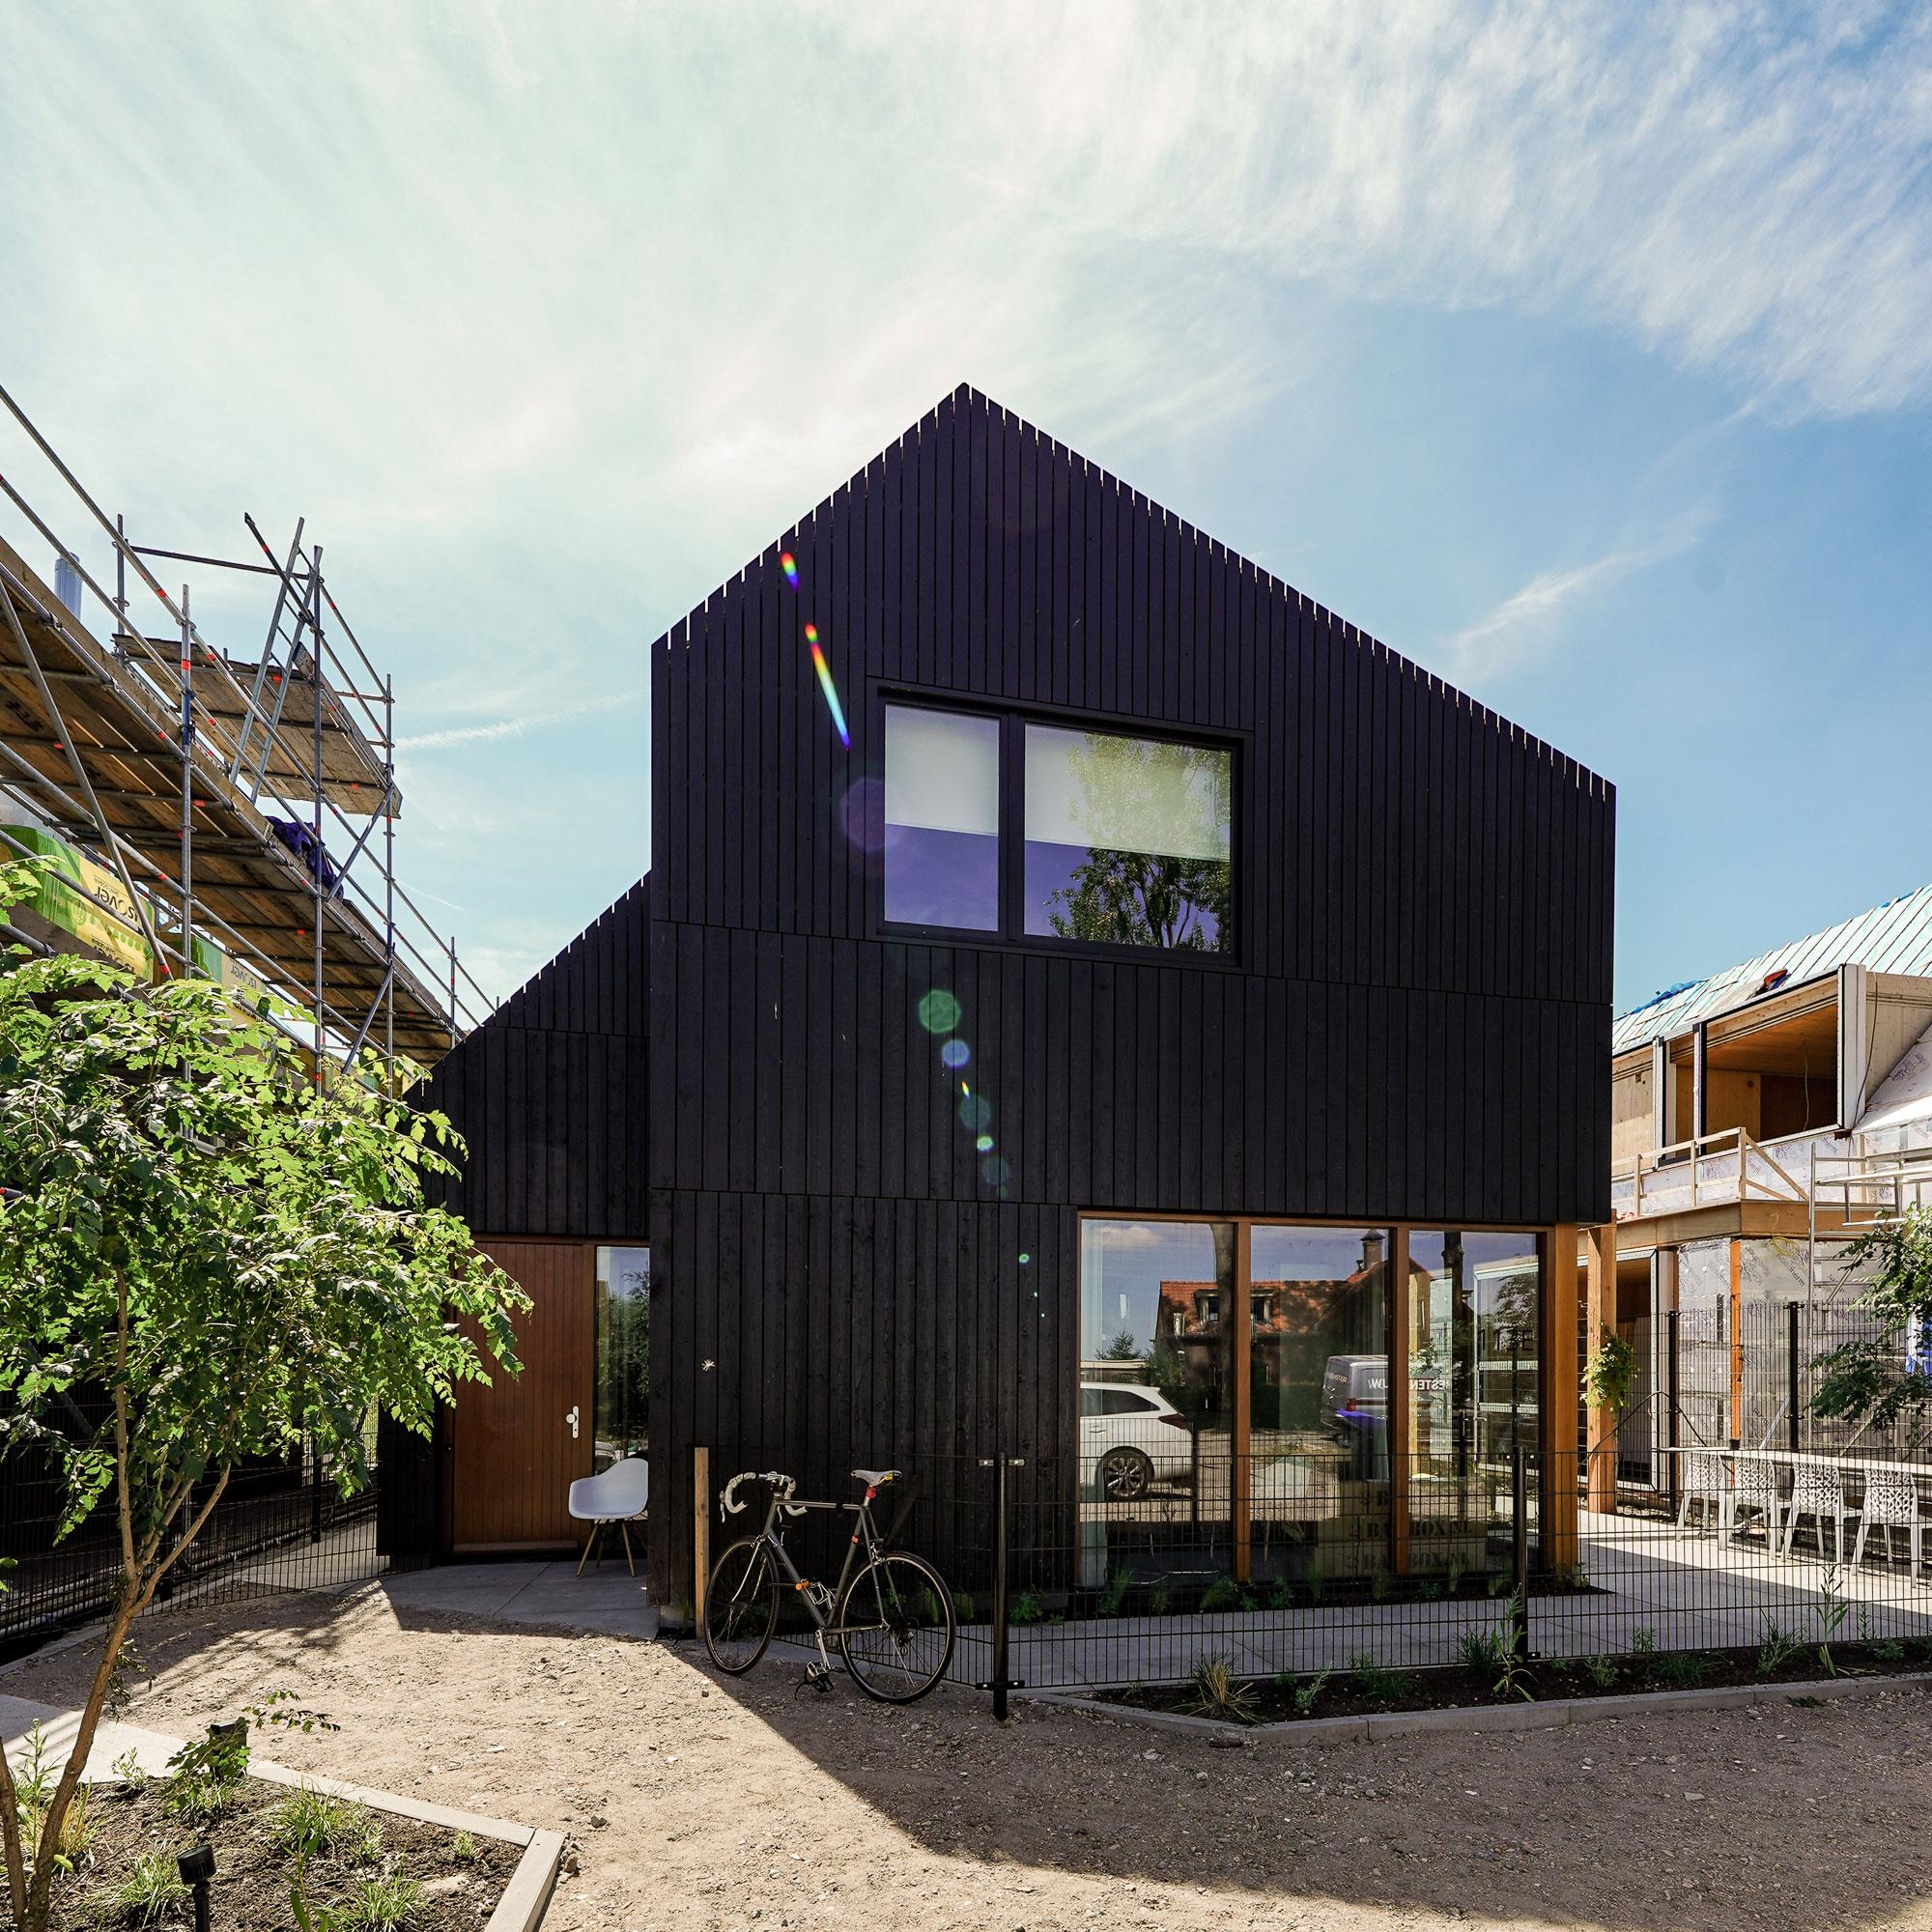 architectuur-houten-gevel-zwart